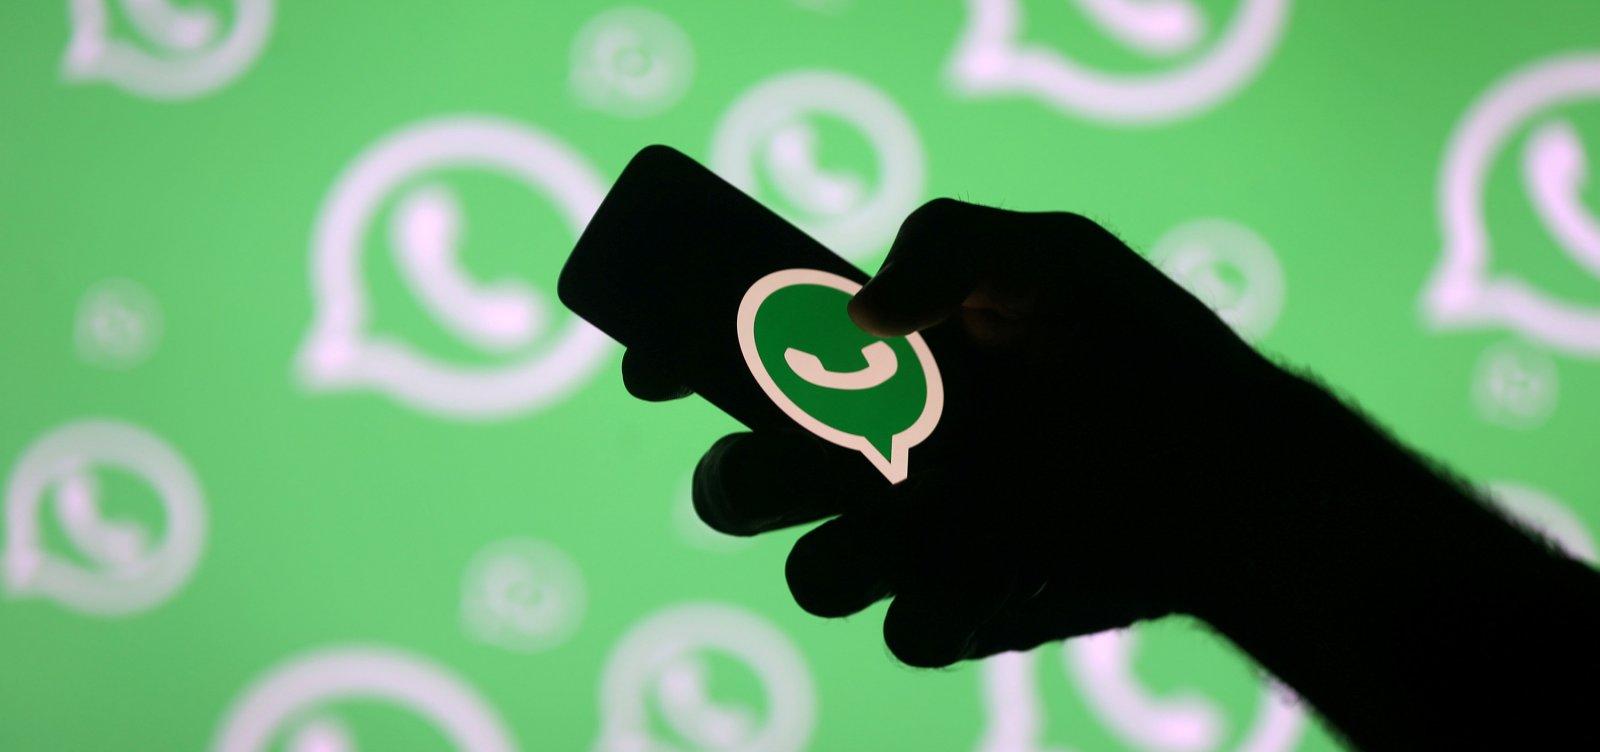 [Marqueteiro do PSDB revela oferta para disparar mensagens no WhatsApp]